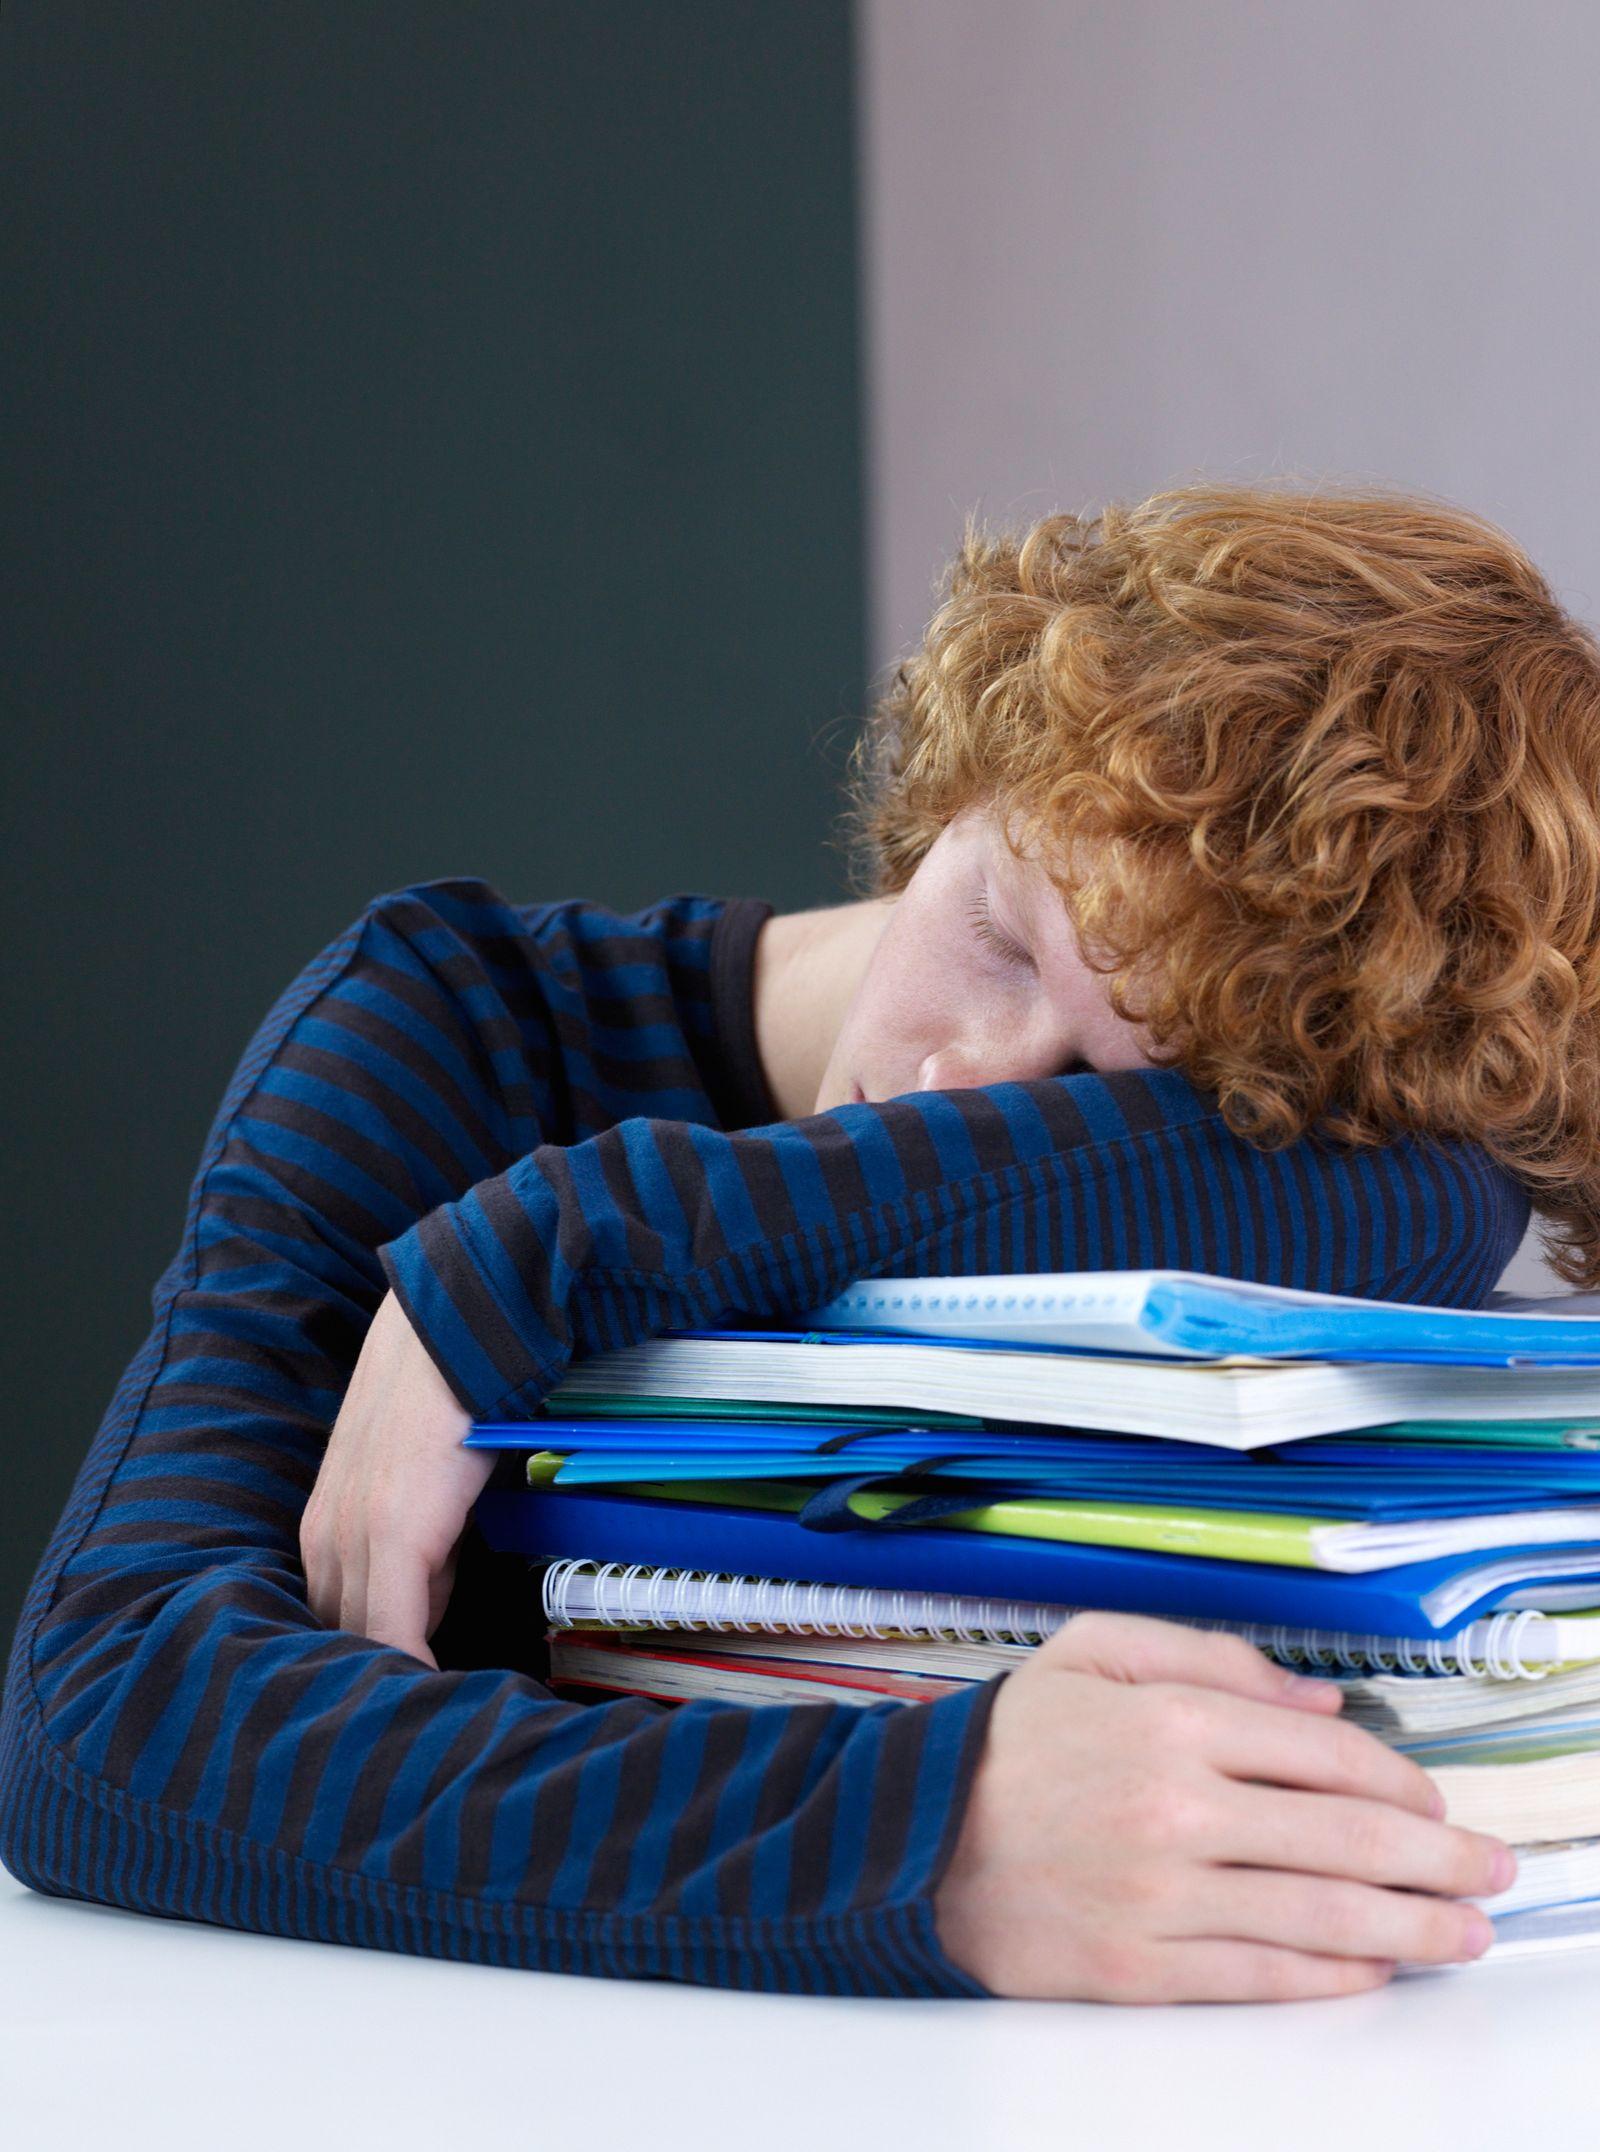 NICHT MEHR VERWENDEN! - Schüler übermüdet / Müde